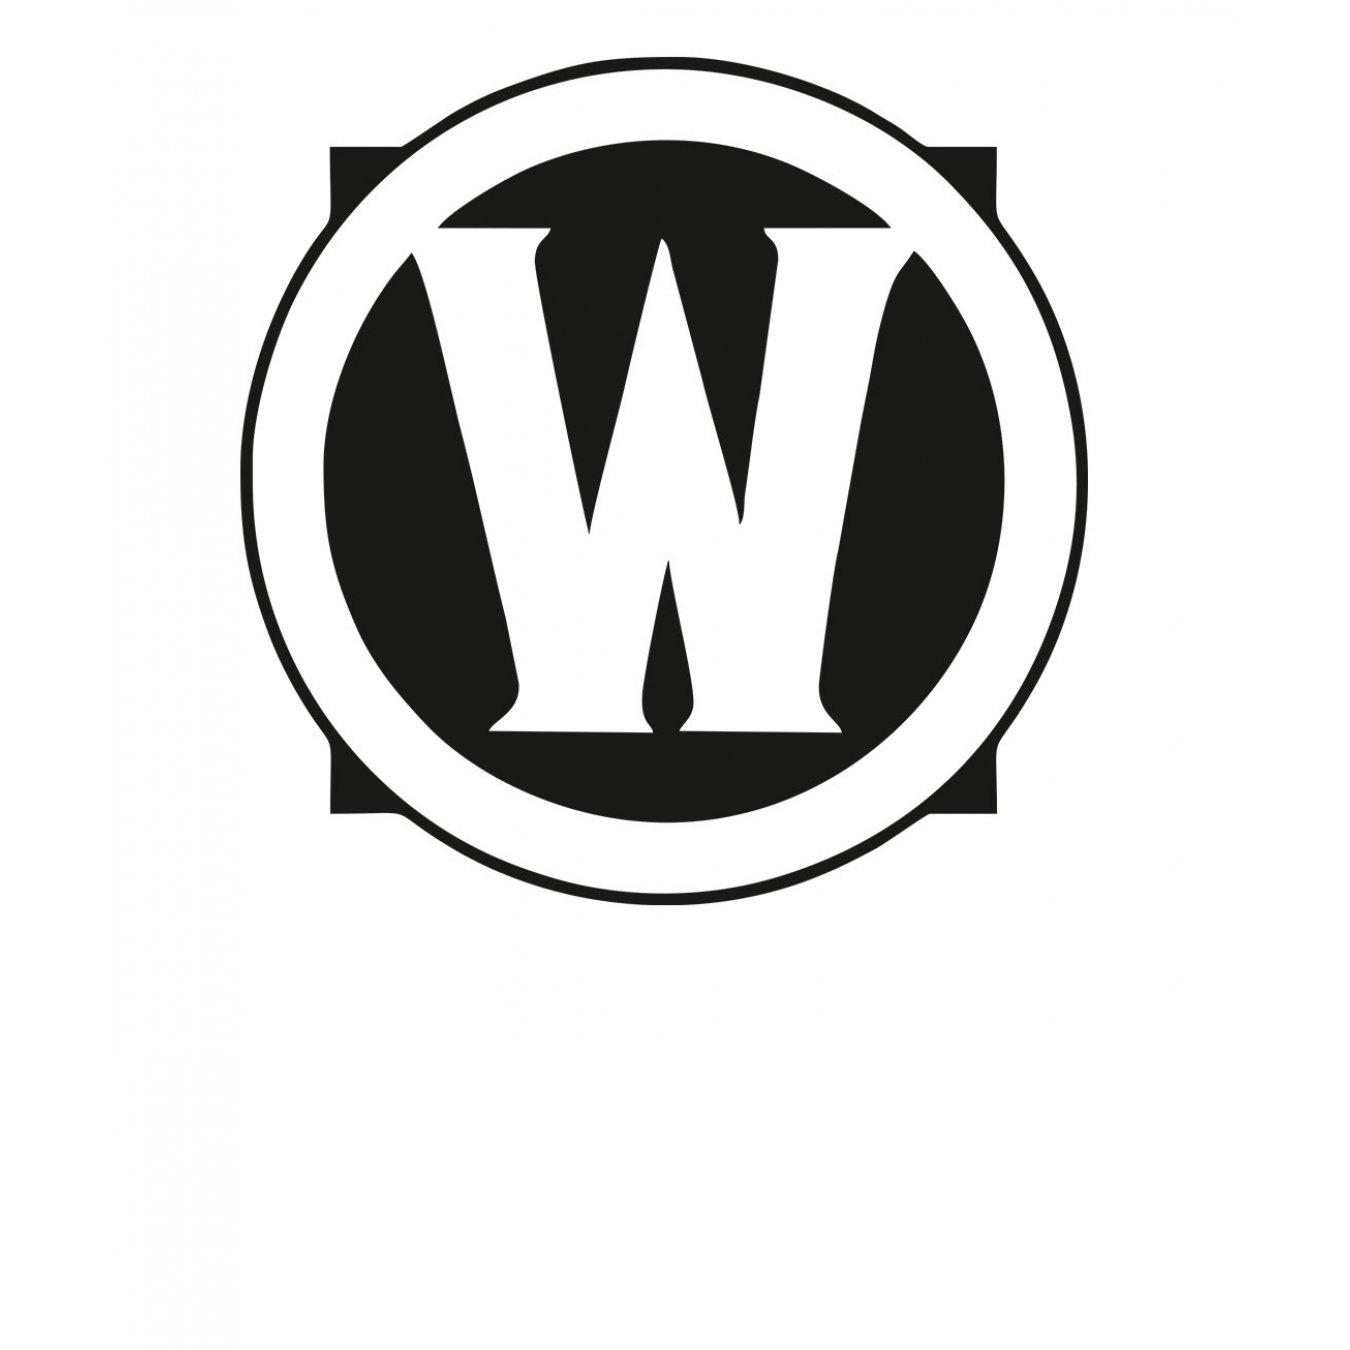 4e1060d1e03 Тениска WOW - World of WarCraft - Бяла, с черна щампа - логото на WOW